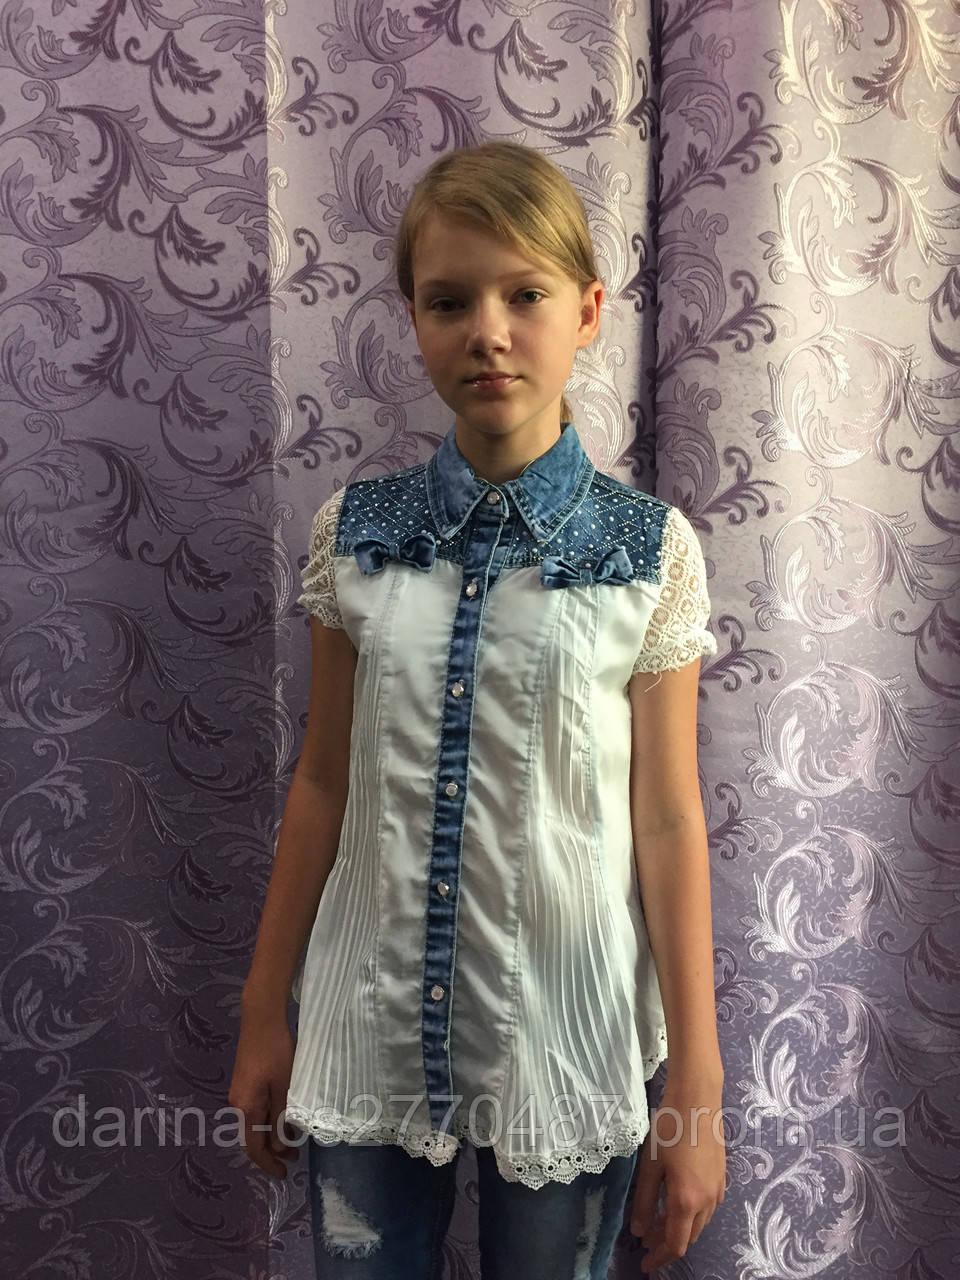 47c76ddb6b5 Блузка для девочки с джинсовыми вставками - Дарина - интернет магазин  детской и мужской одежды.